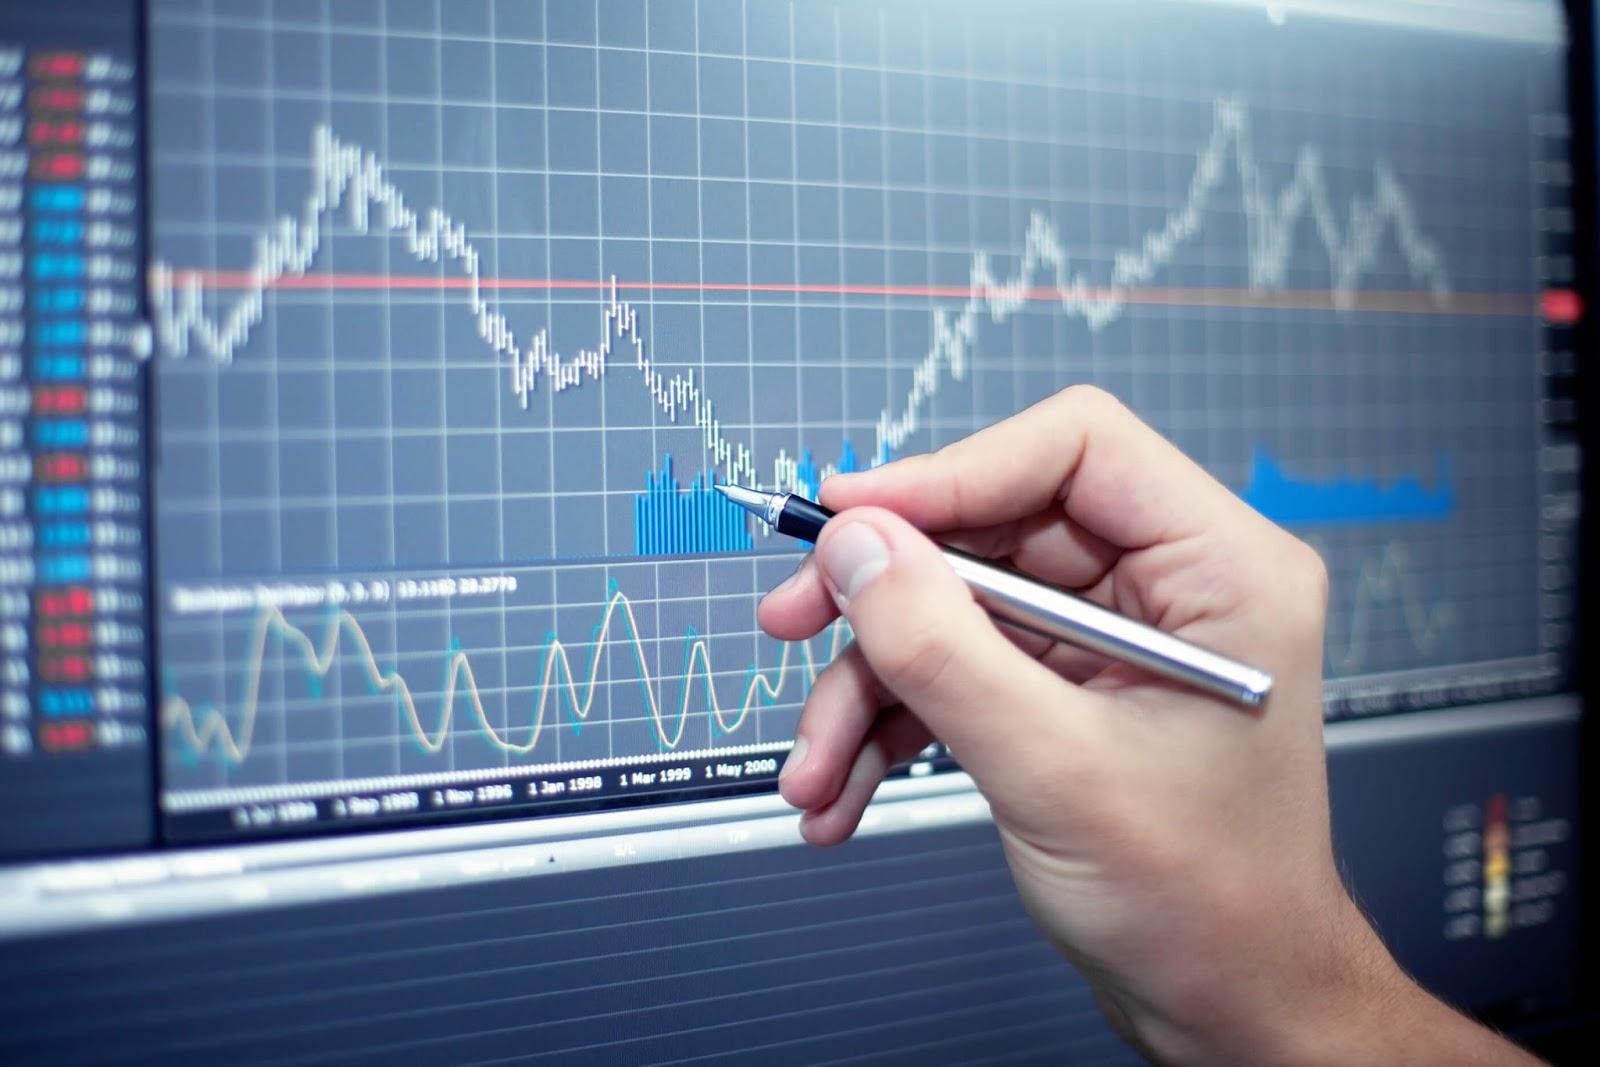 Торговые сигналы — польза или вред? Советы по выбору 2020